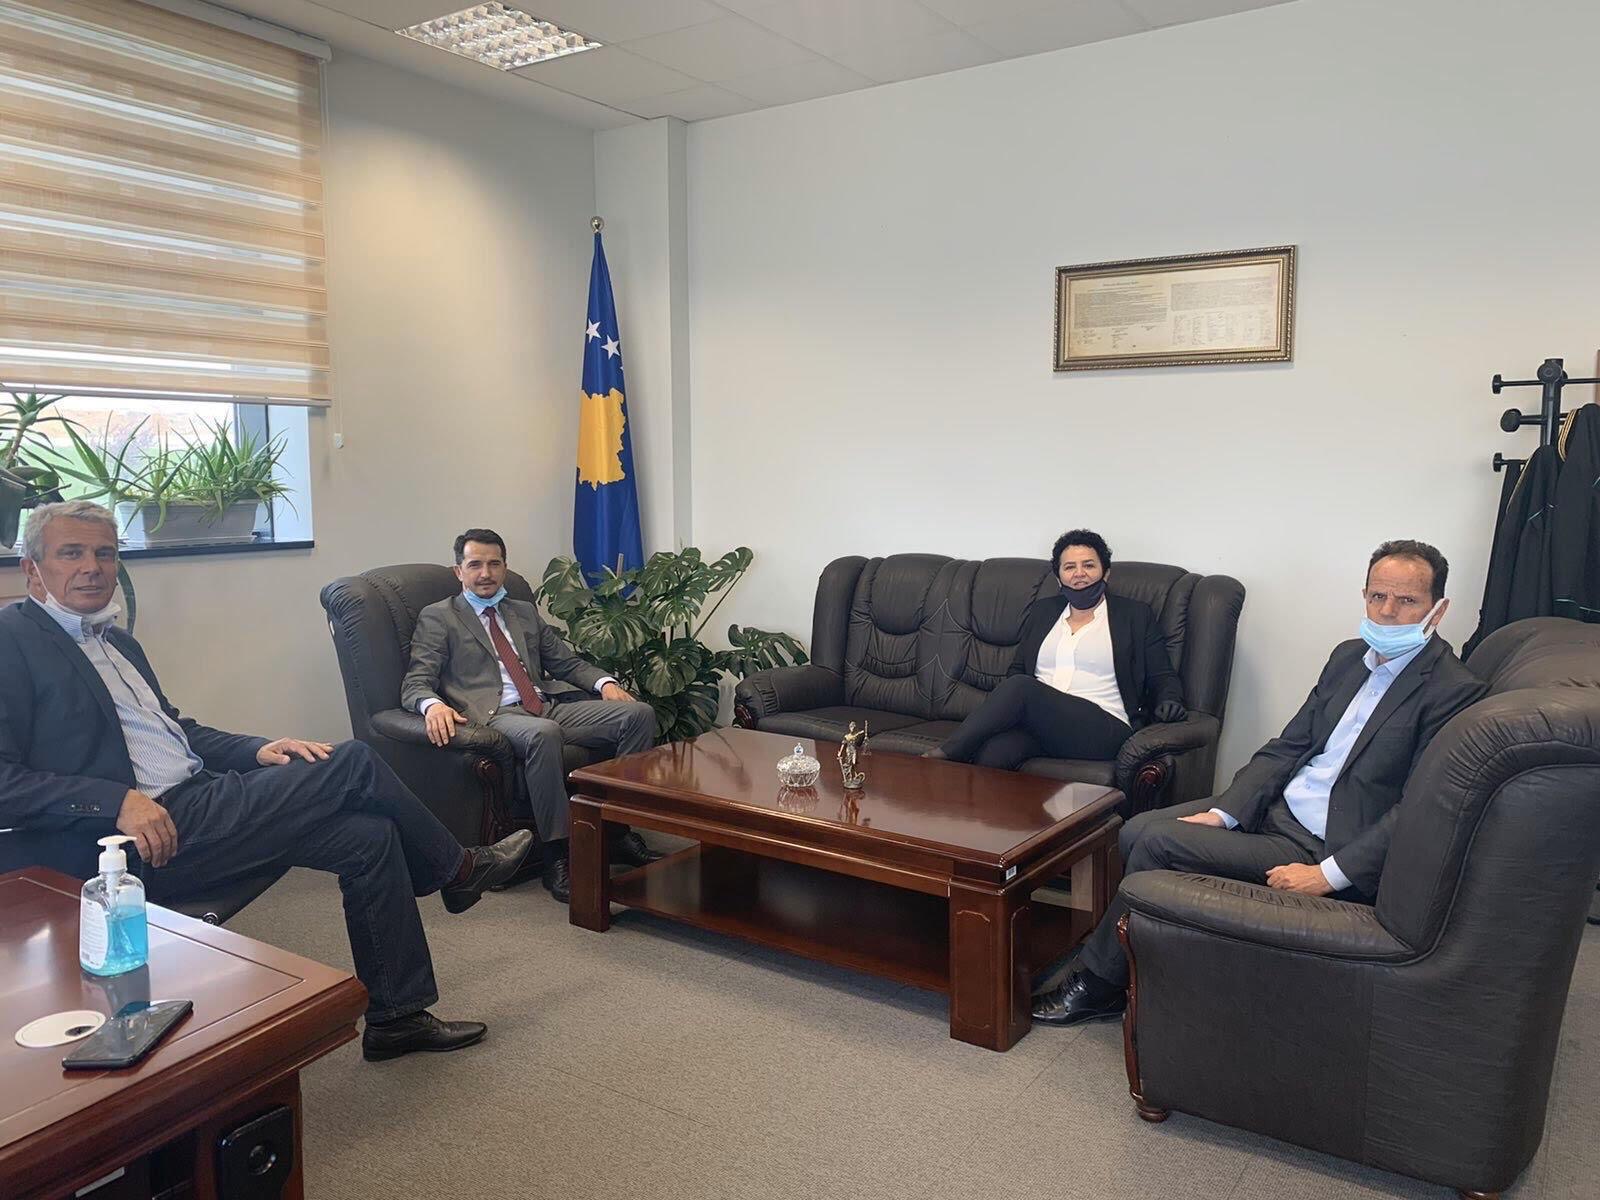 Kryesuesi i KGjK-së, Skender Çoçaj vizitoi Pallatin e Drejtësisë